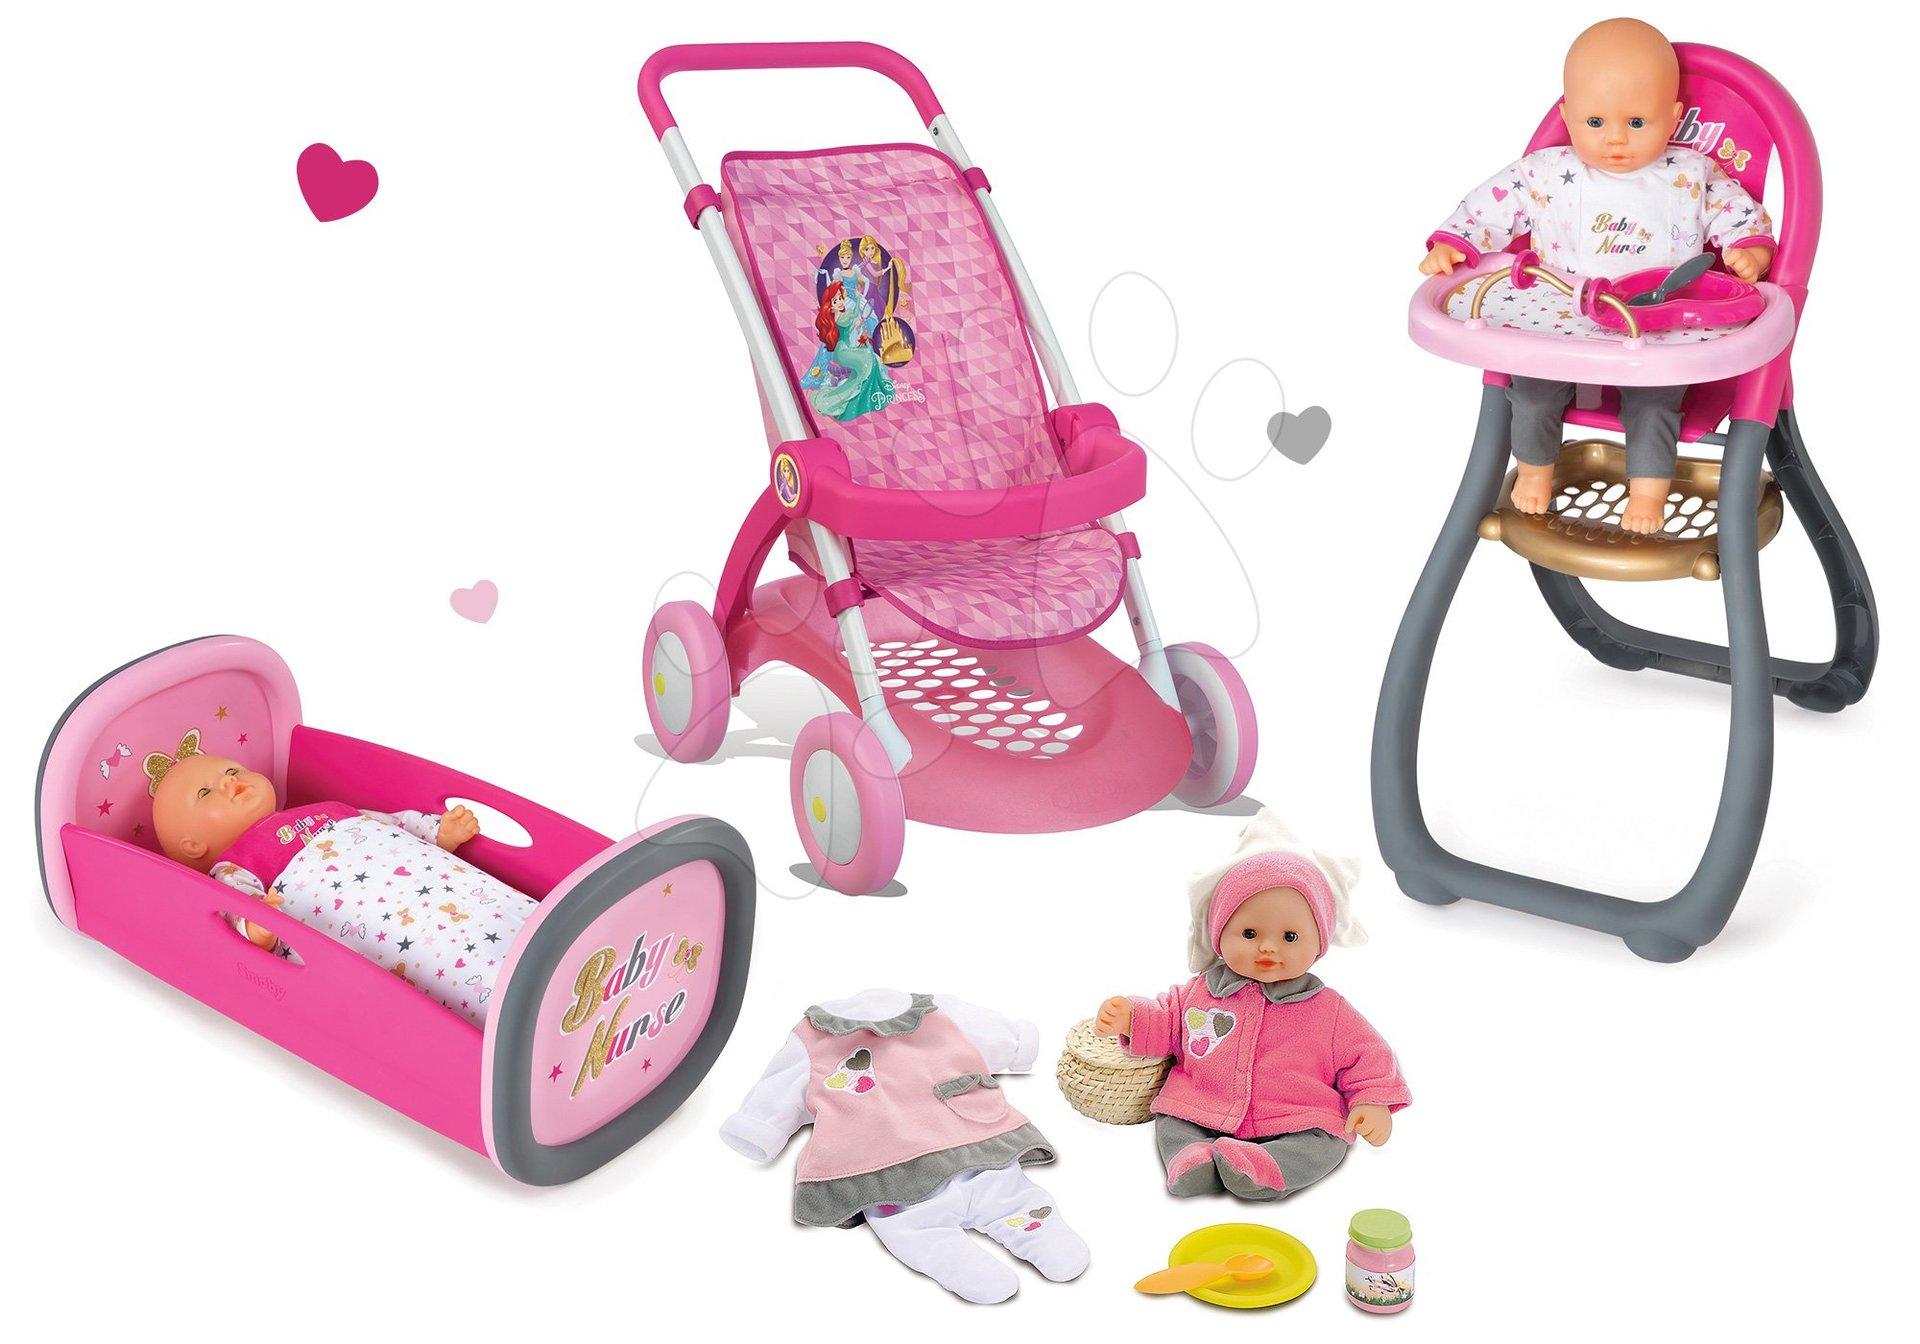 Smoby športový kočík pre bábiku, stolička, kolíska a bábika so šatami Baby Nurse 254033-1